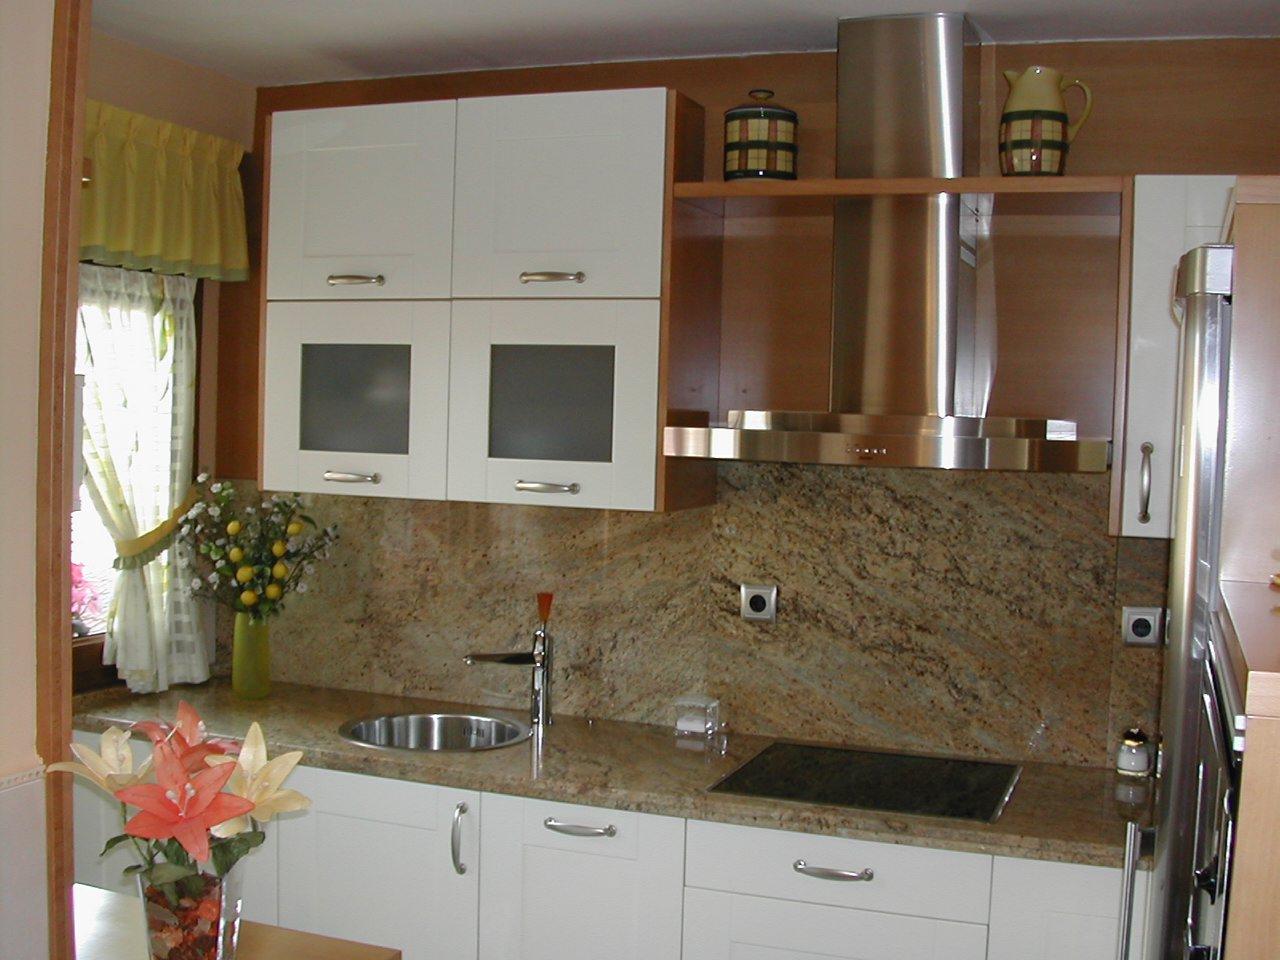 Indicoc muebles de cocina: Cocina Mari (Oviedo)